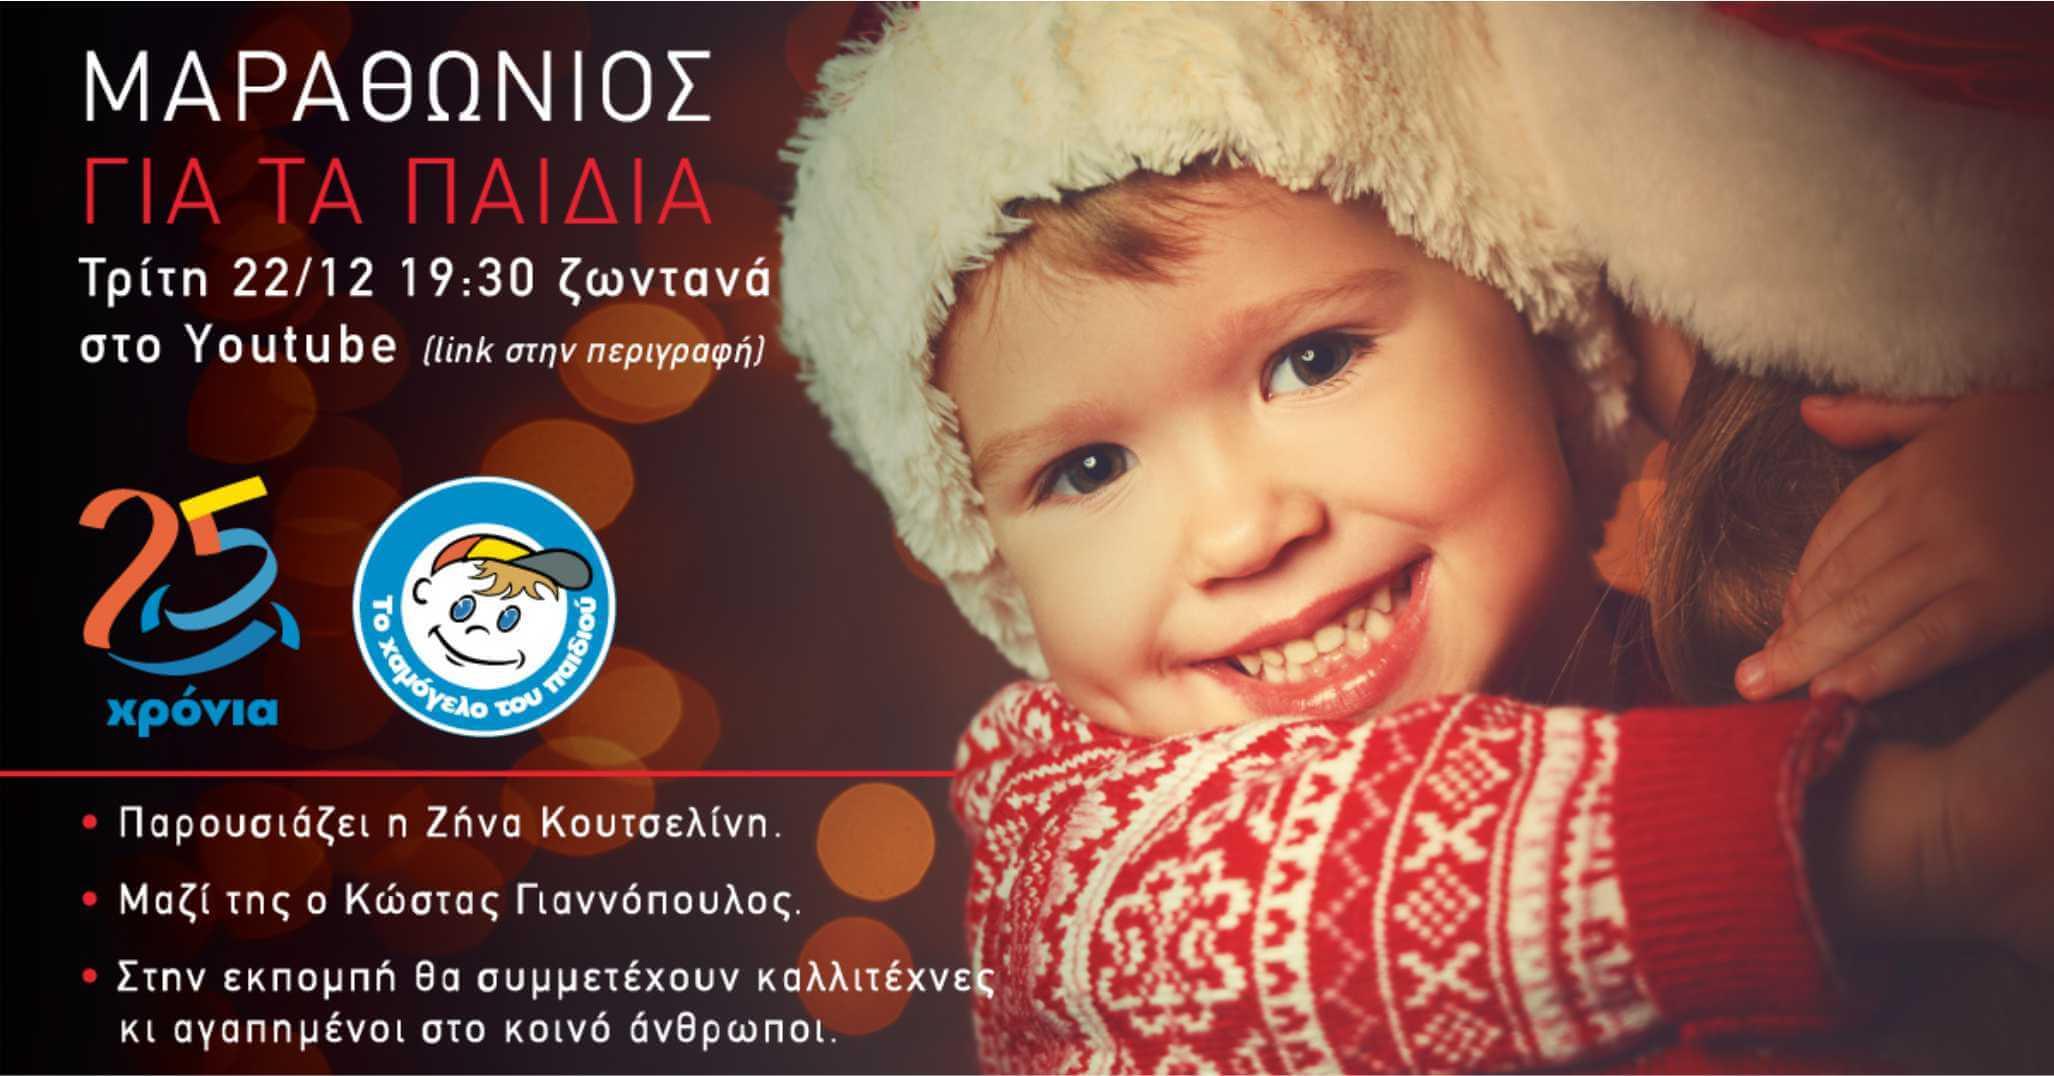 Διαδικτυακός Μαραθώνιος για τα Παιδιά από «Το Χαμόγελο του Παιδιού»